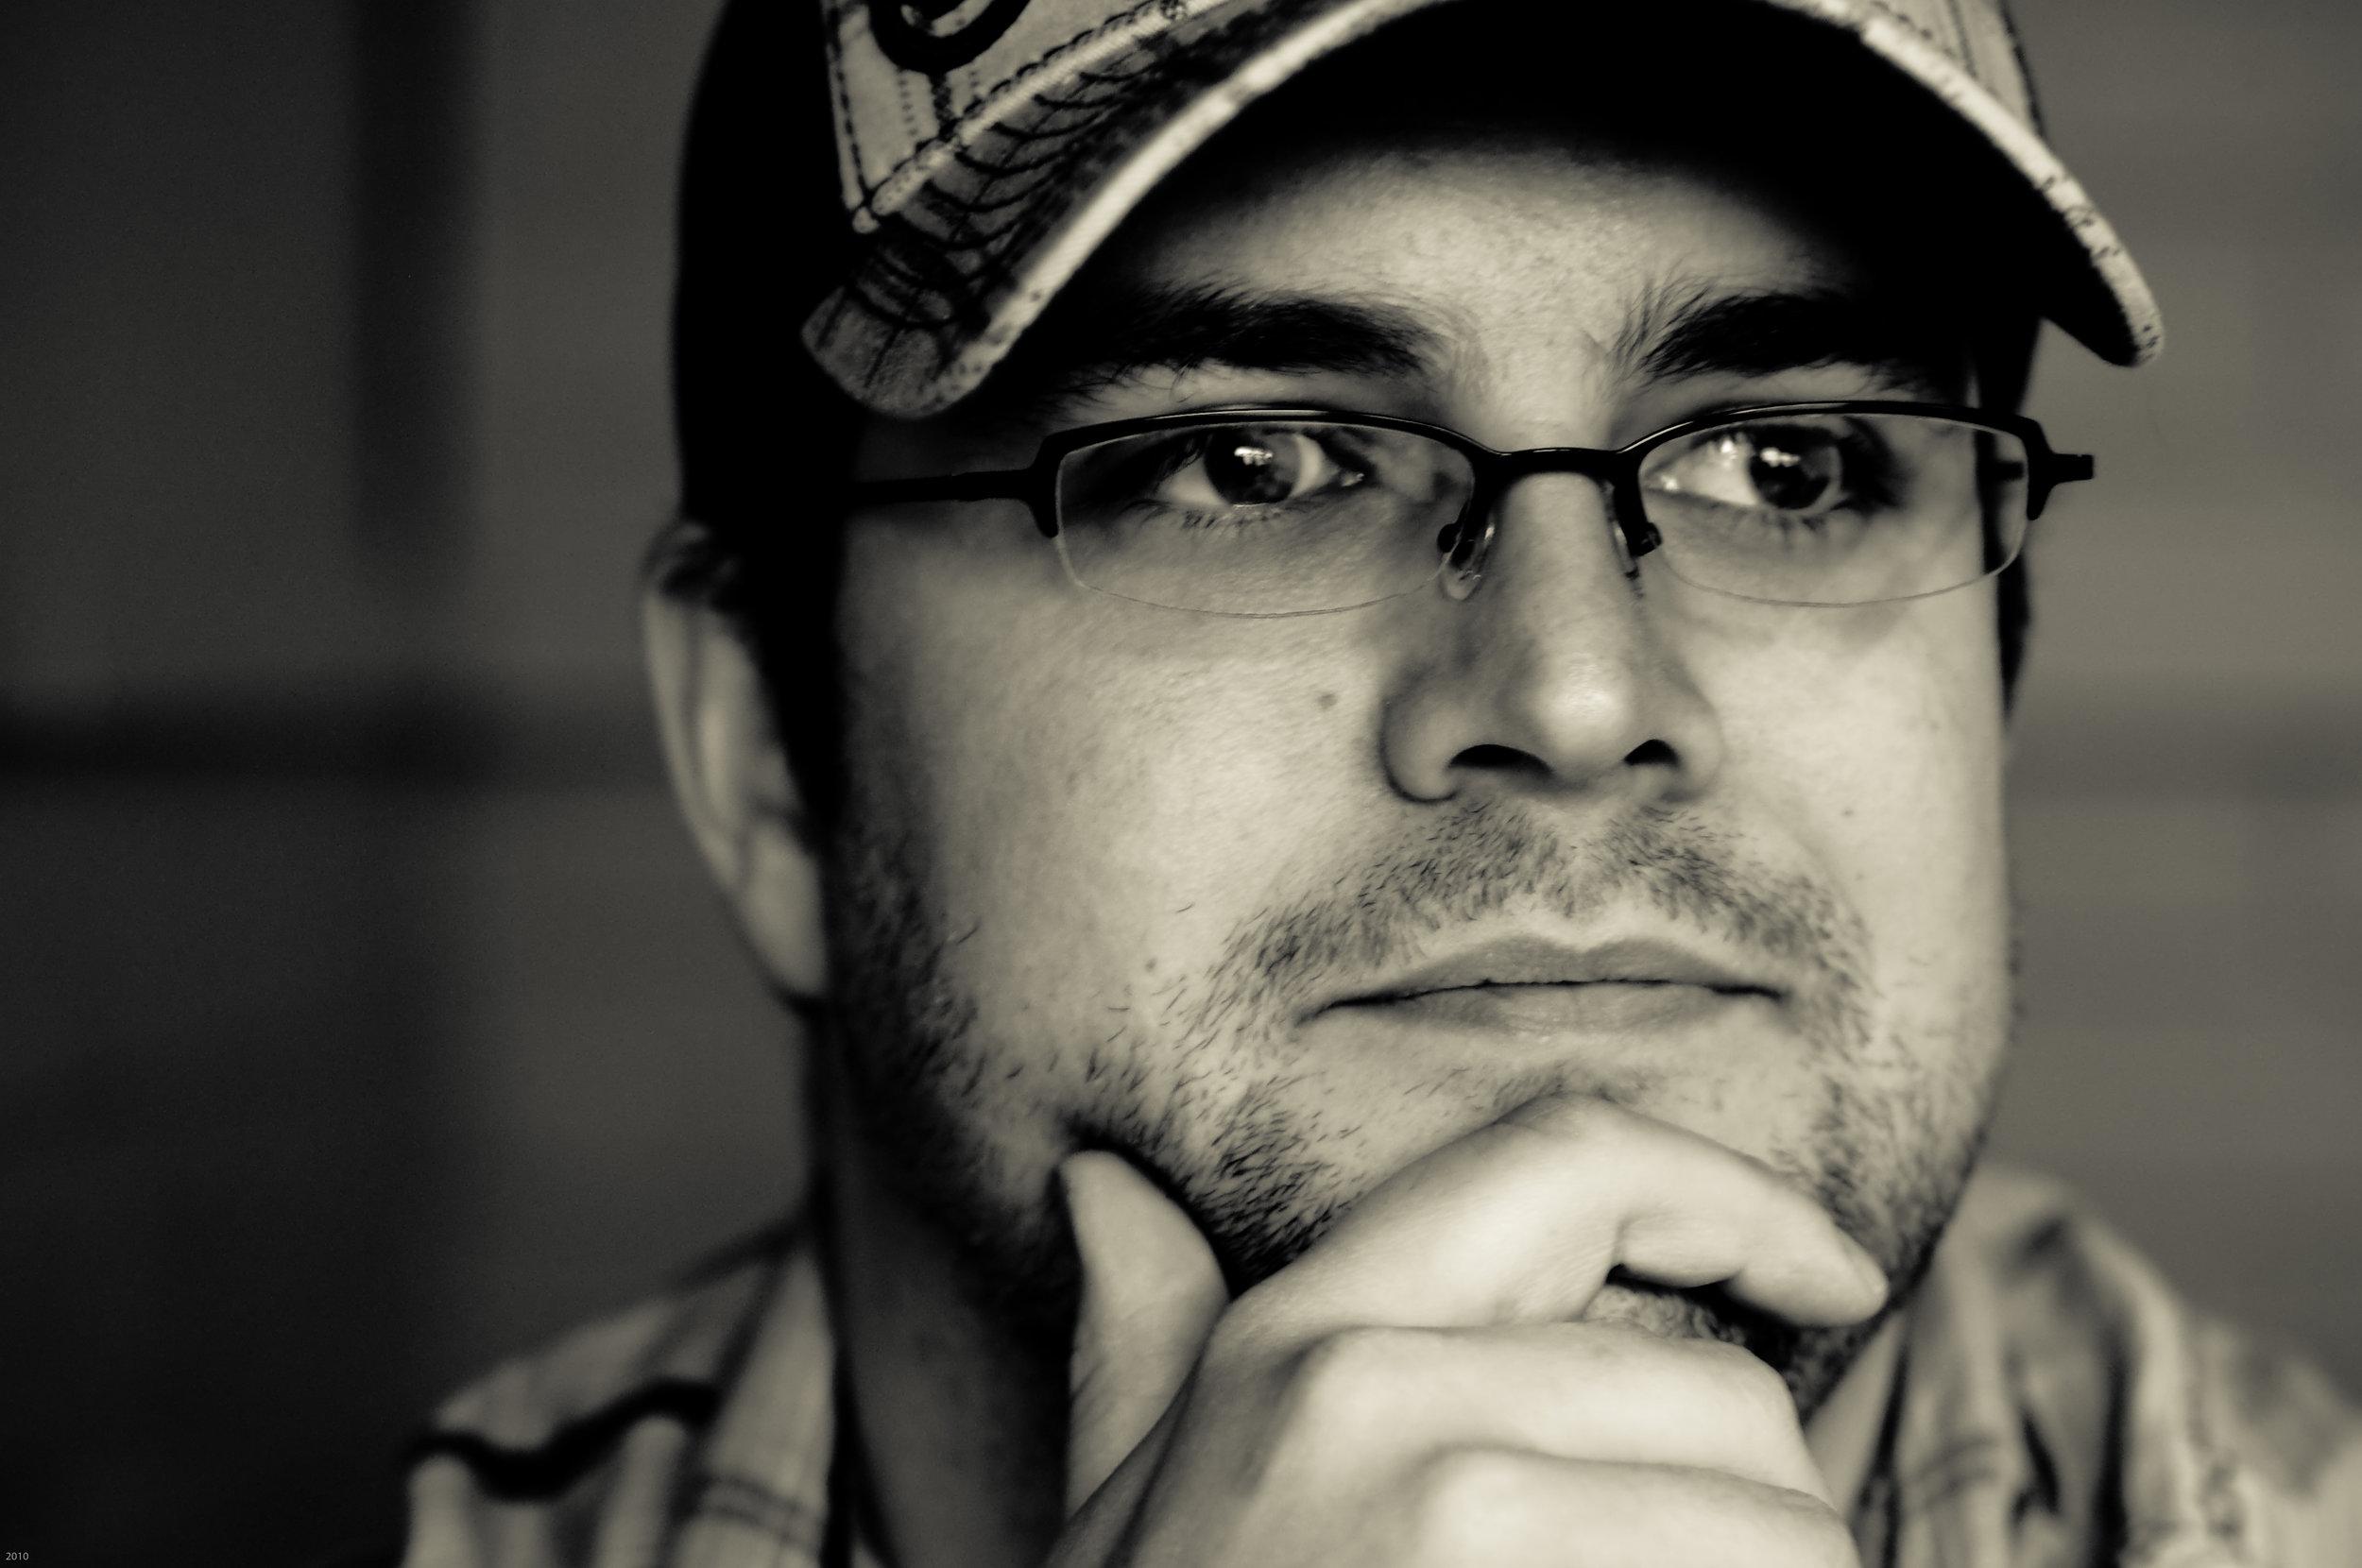 David J. Crewe - Headshot